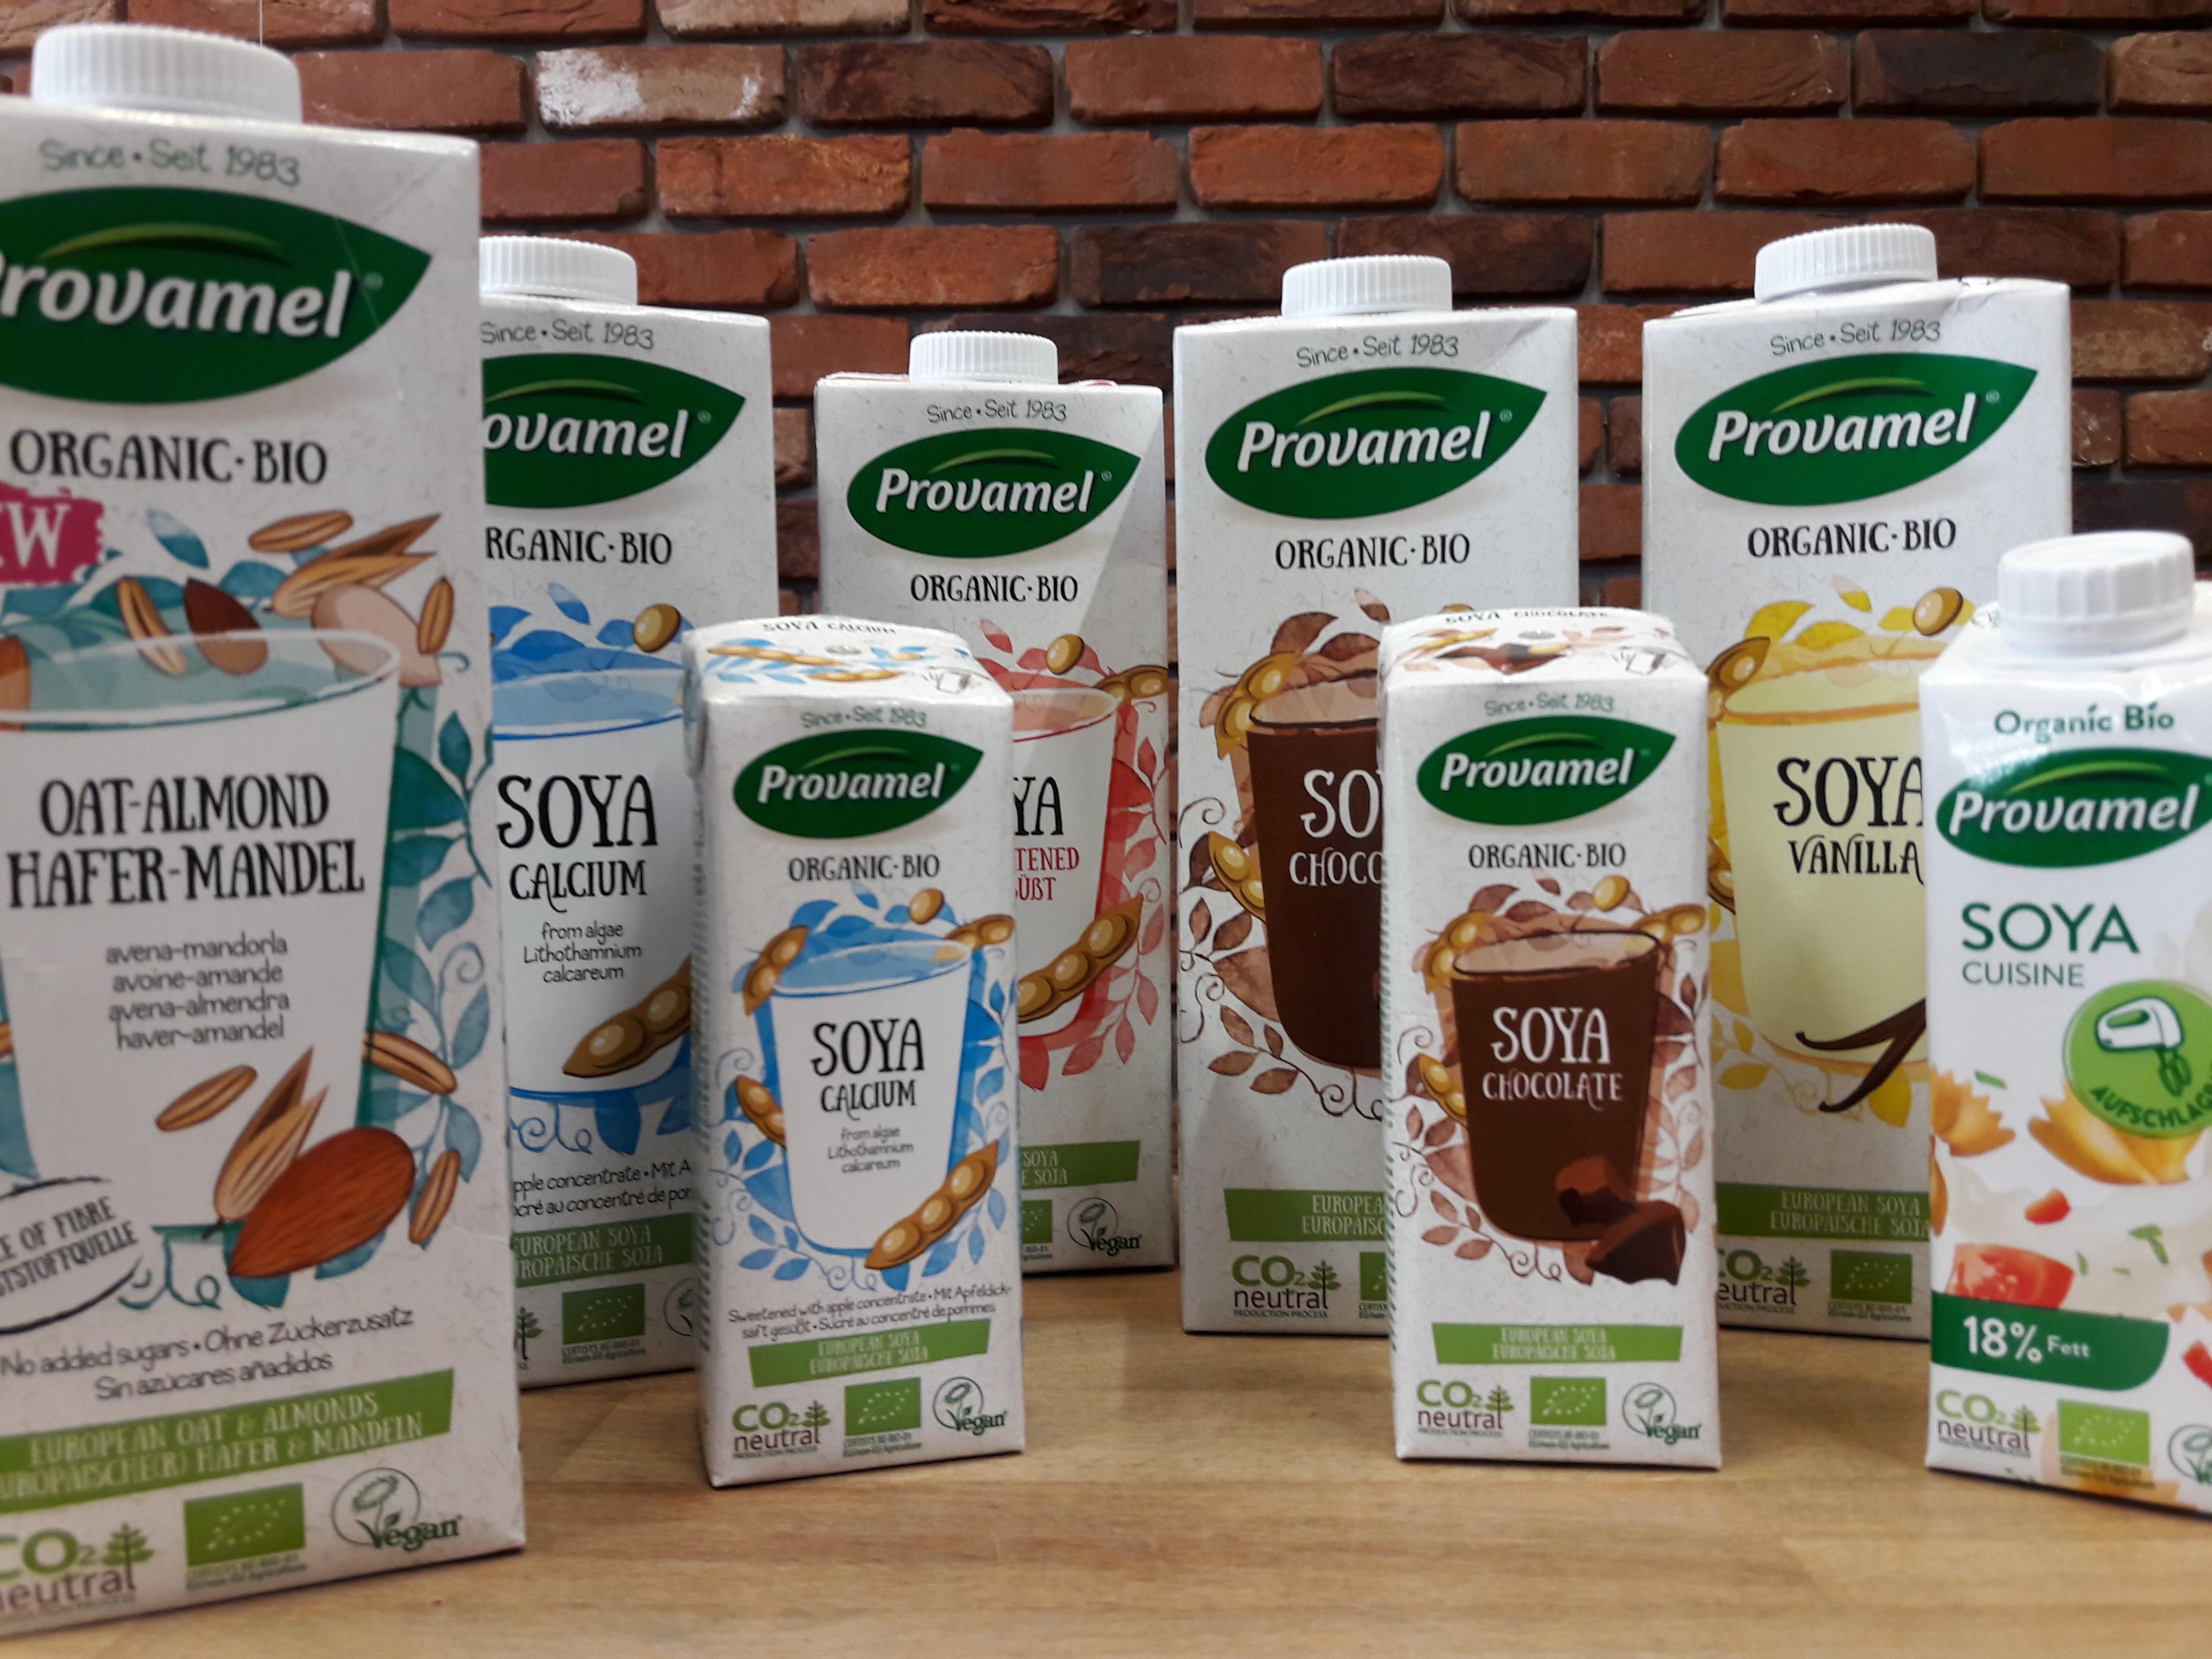 Provamel wertvolle pflanzliche Bio-Drinks – am Freitag, den 03. November 2017 100% Natur probieren!